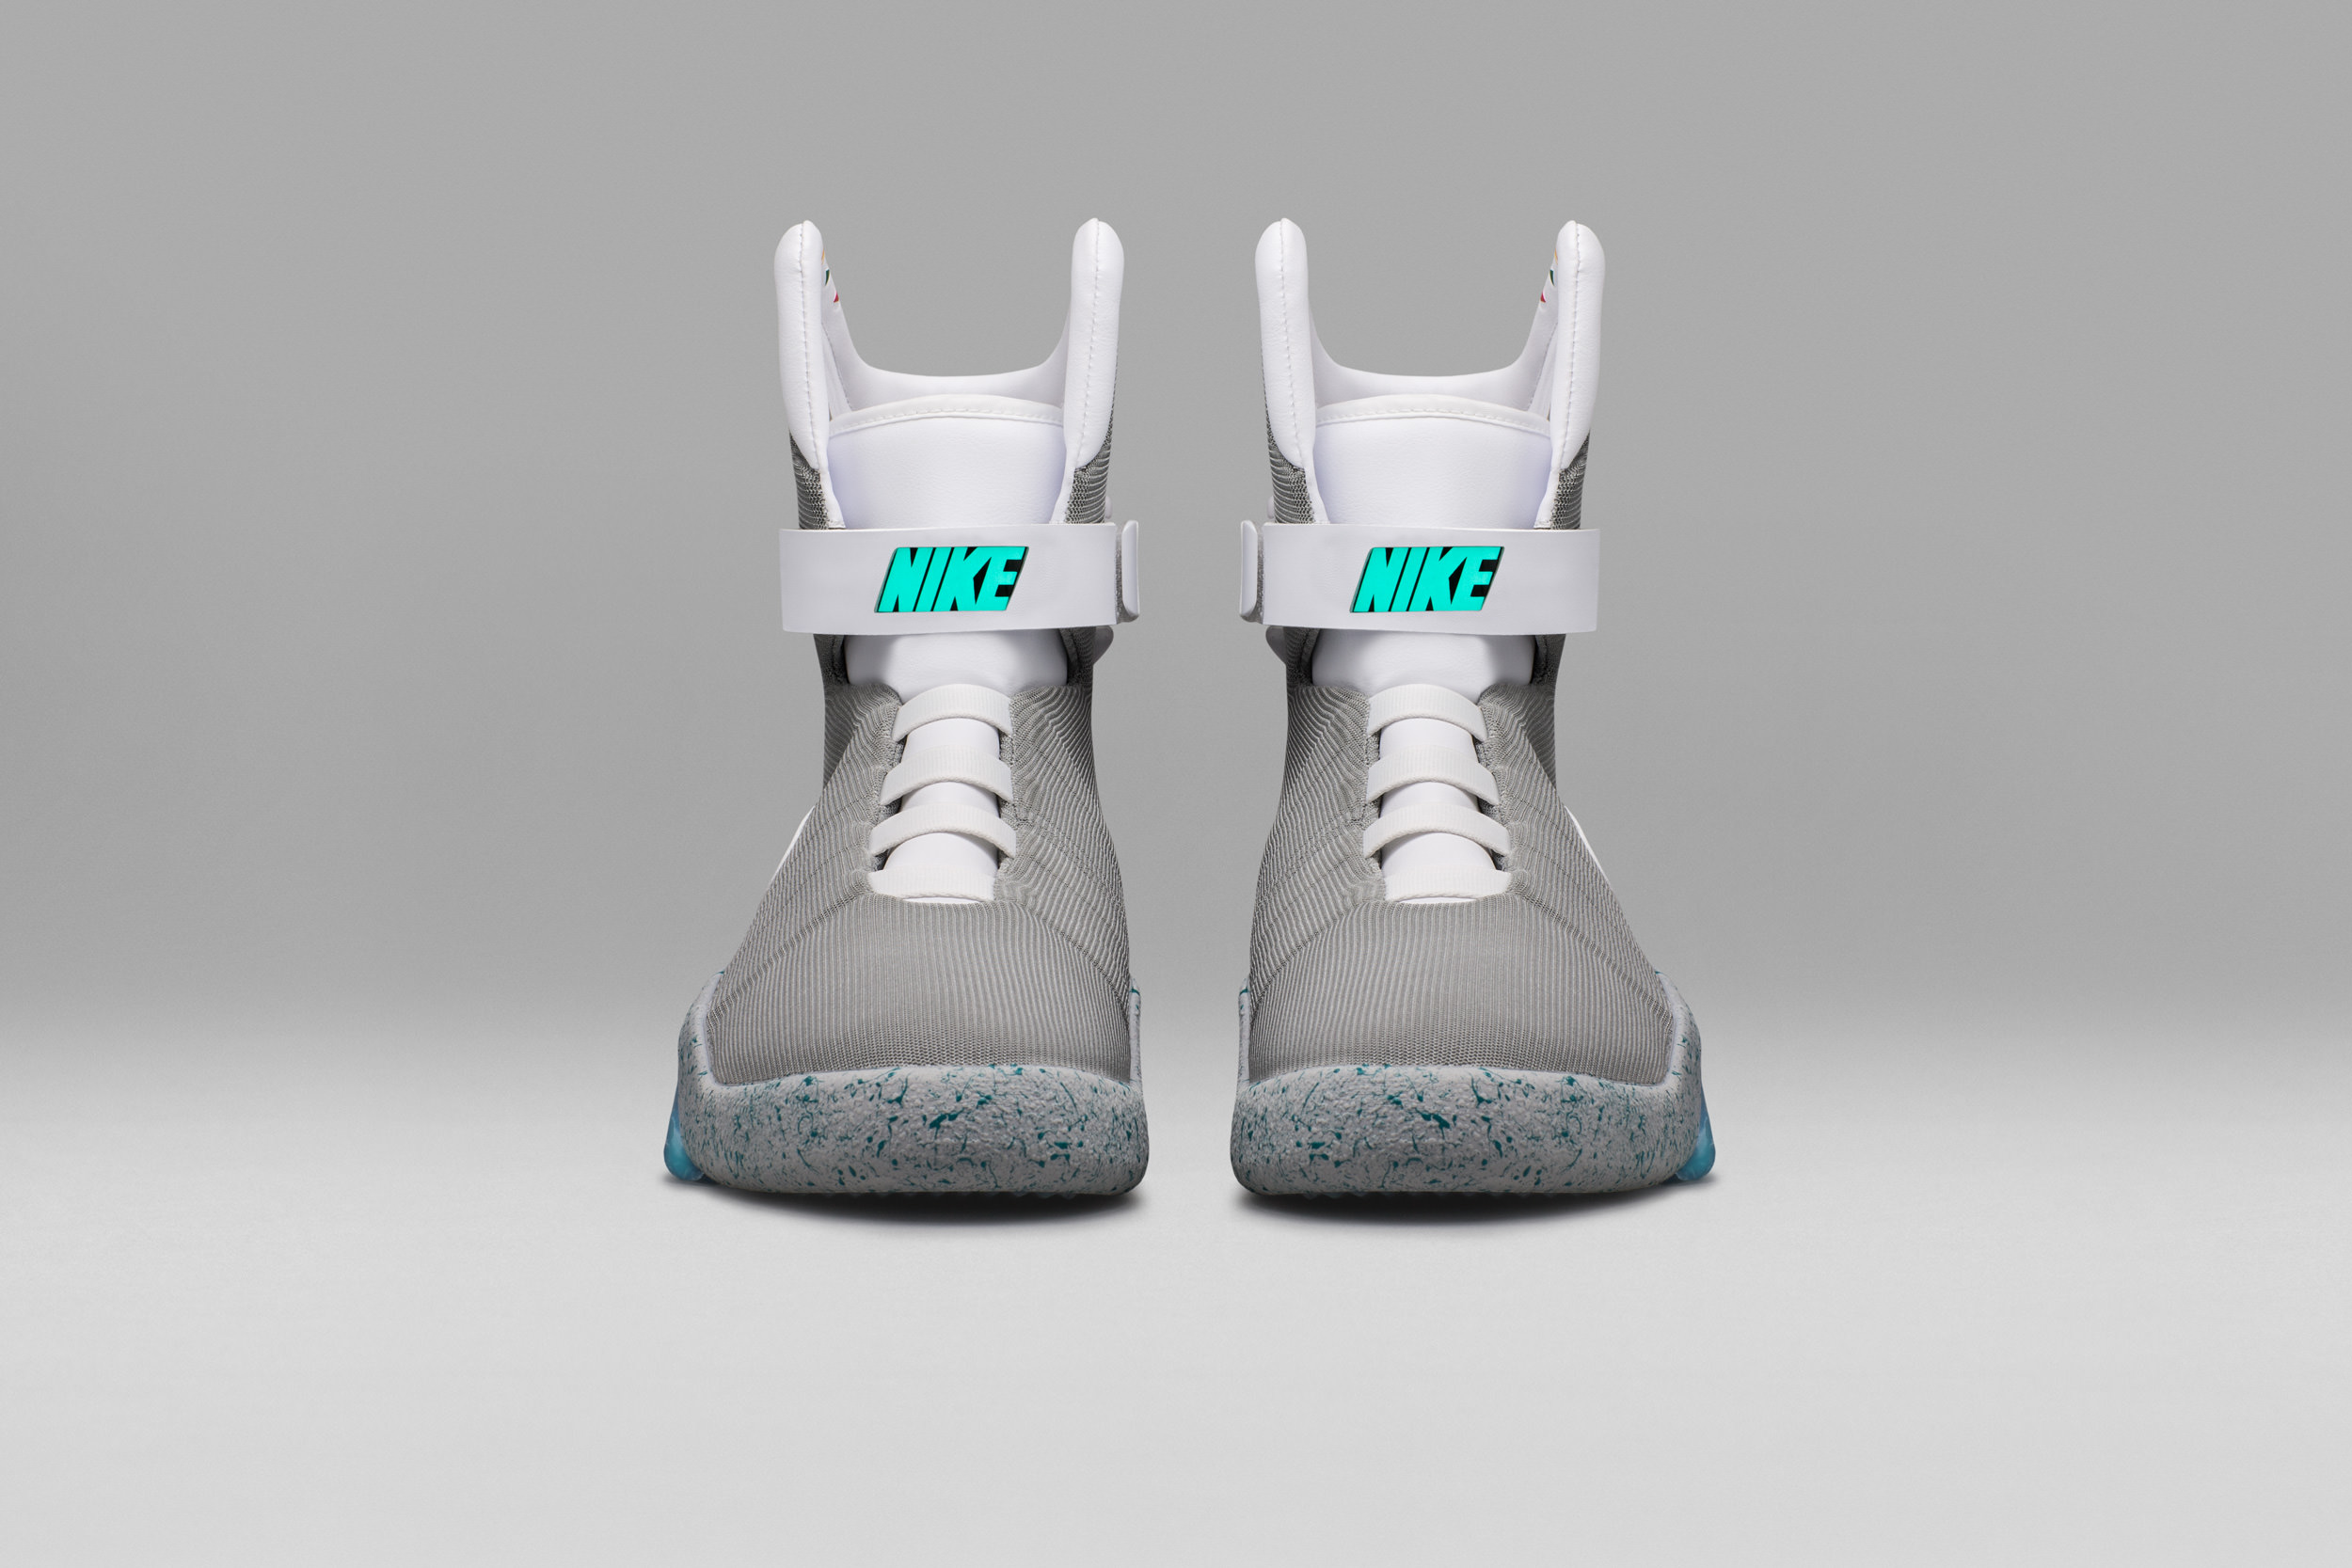 57f446338adaec7e7c8efe5e_Nike-Mag-2016-Official-08_original